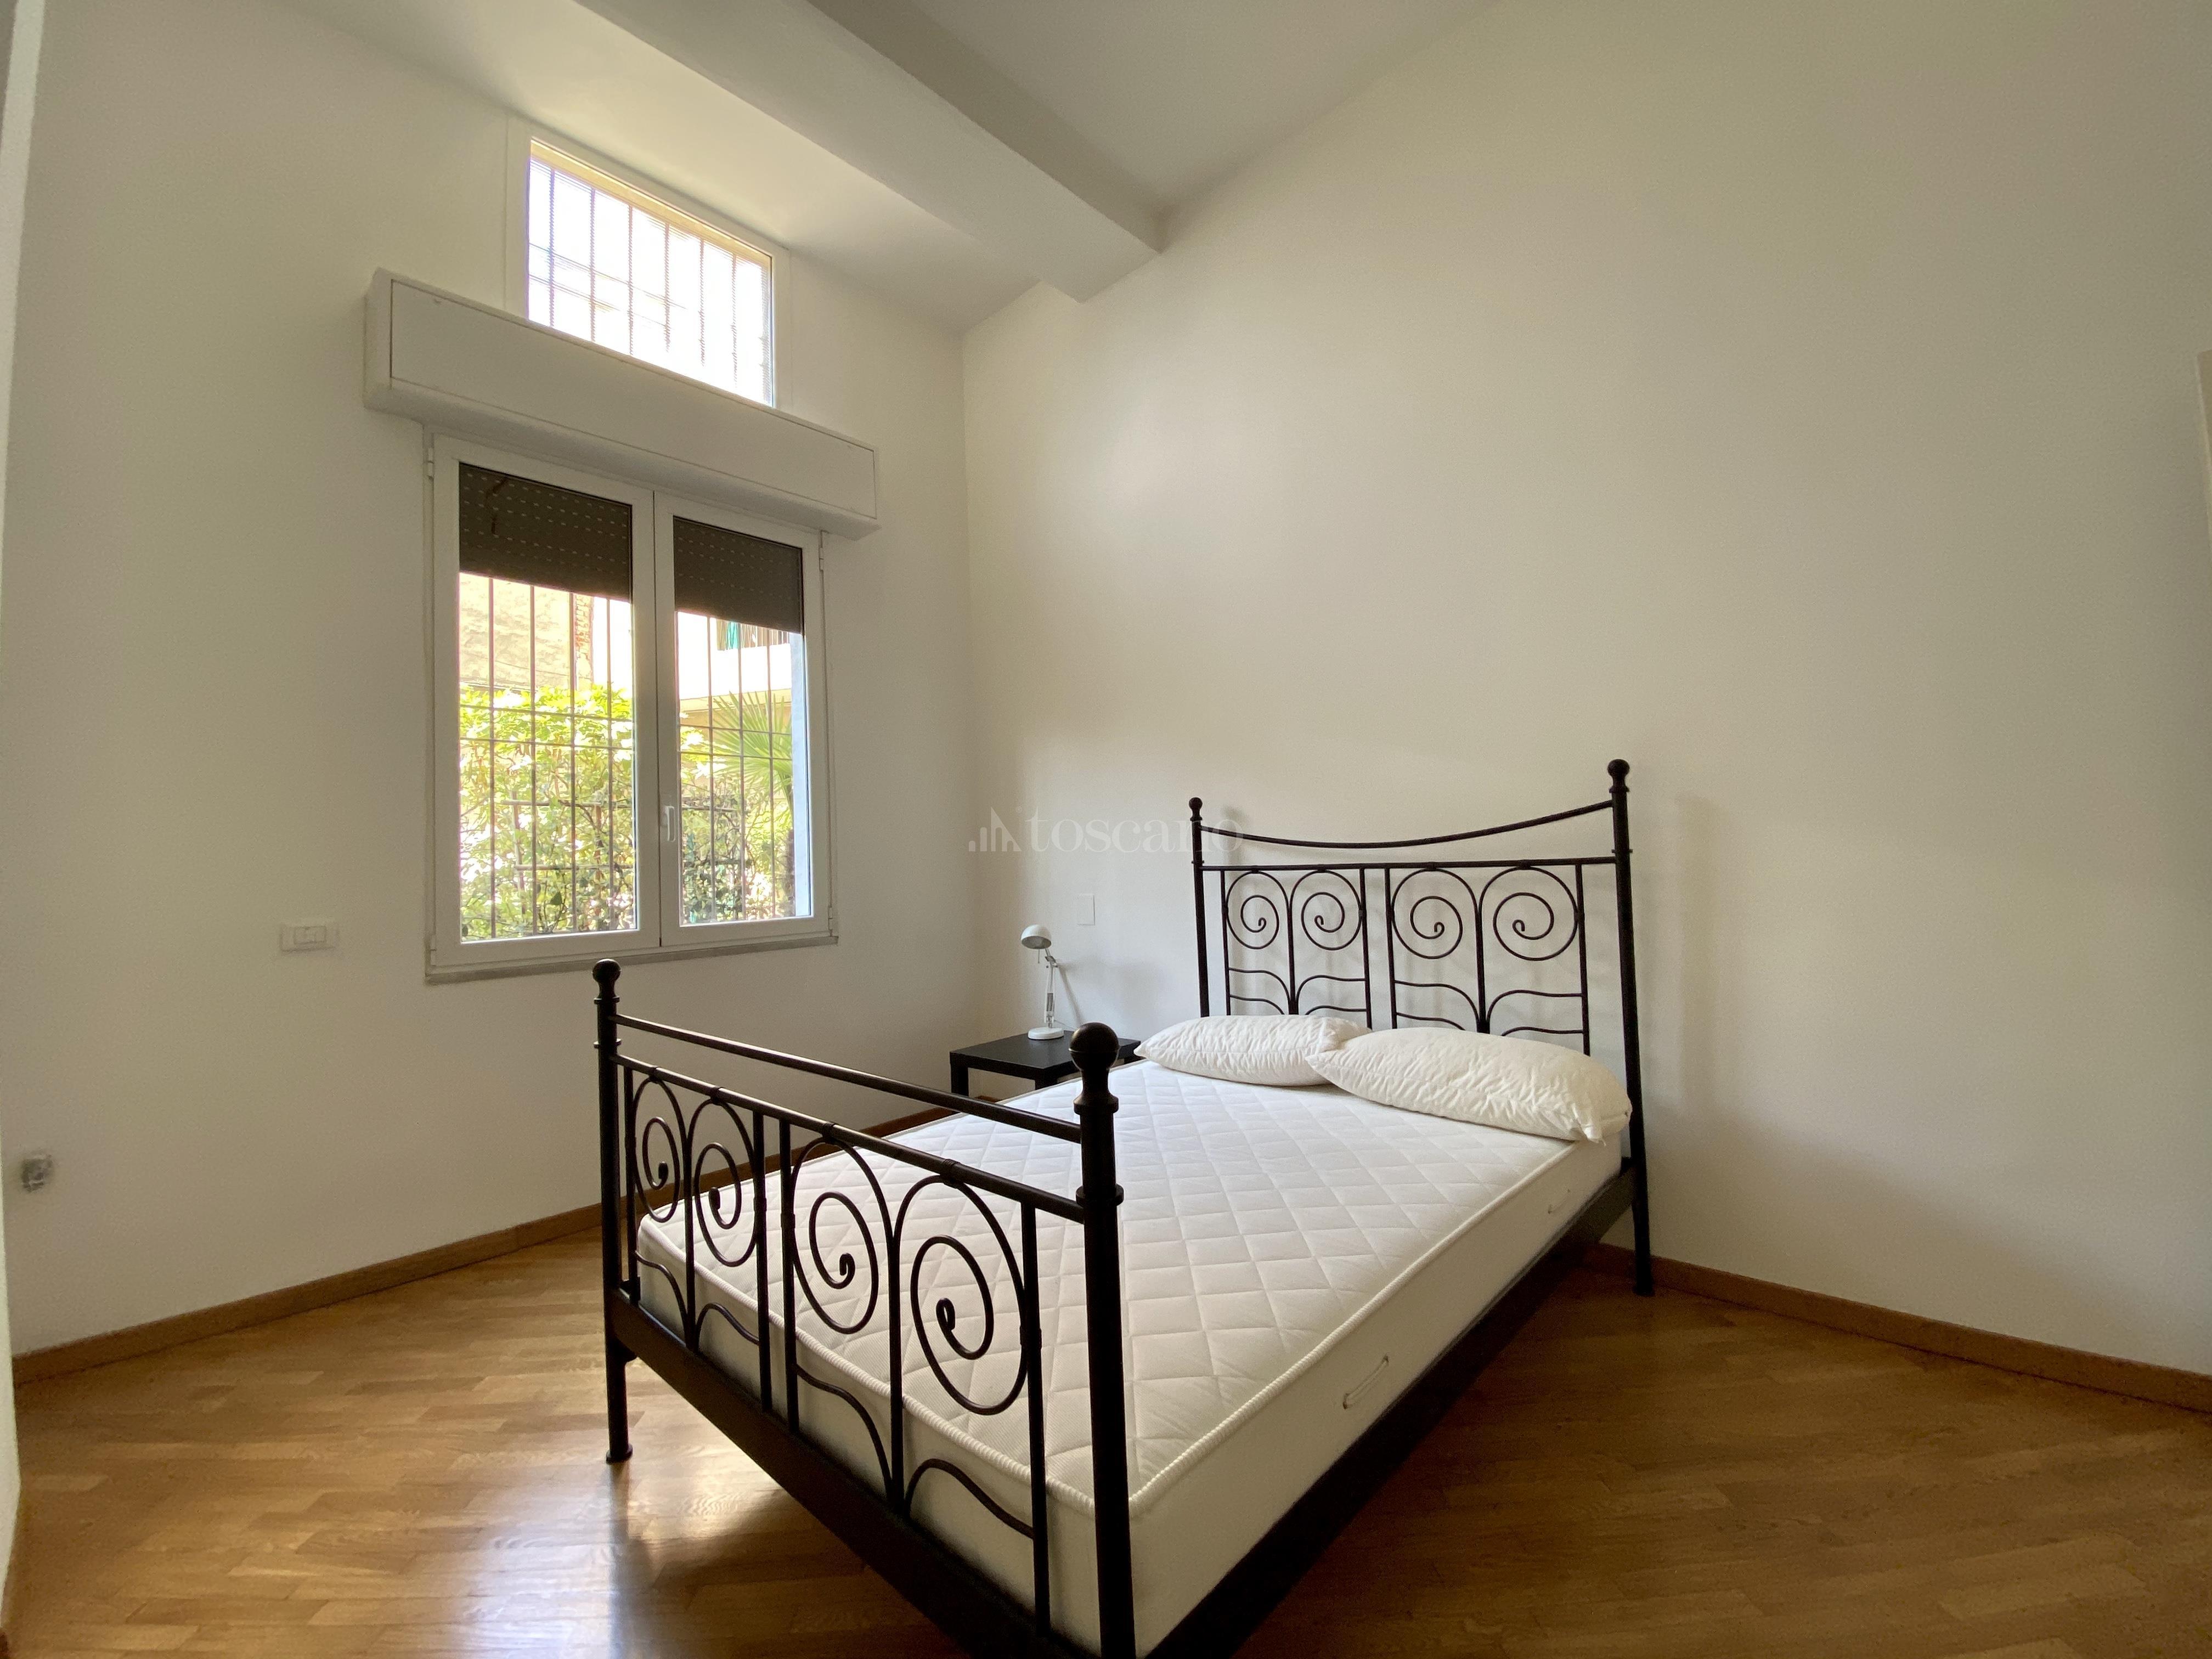 Casa in vendita di 70 mq a €215.000 (rif. 11/2020)